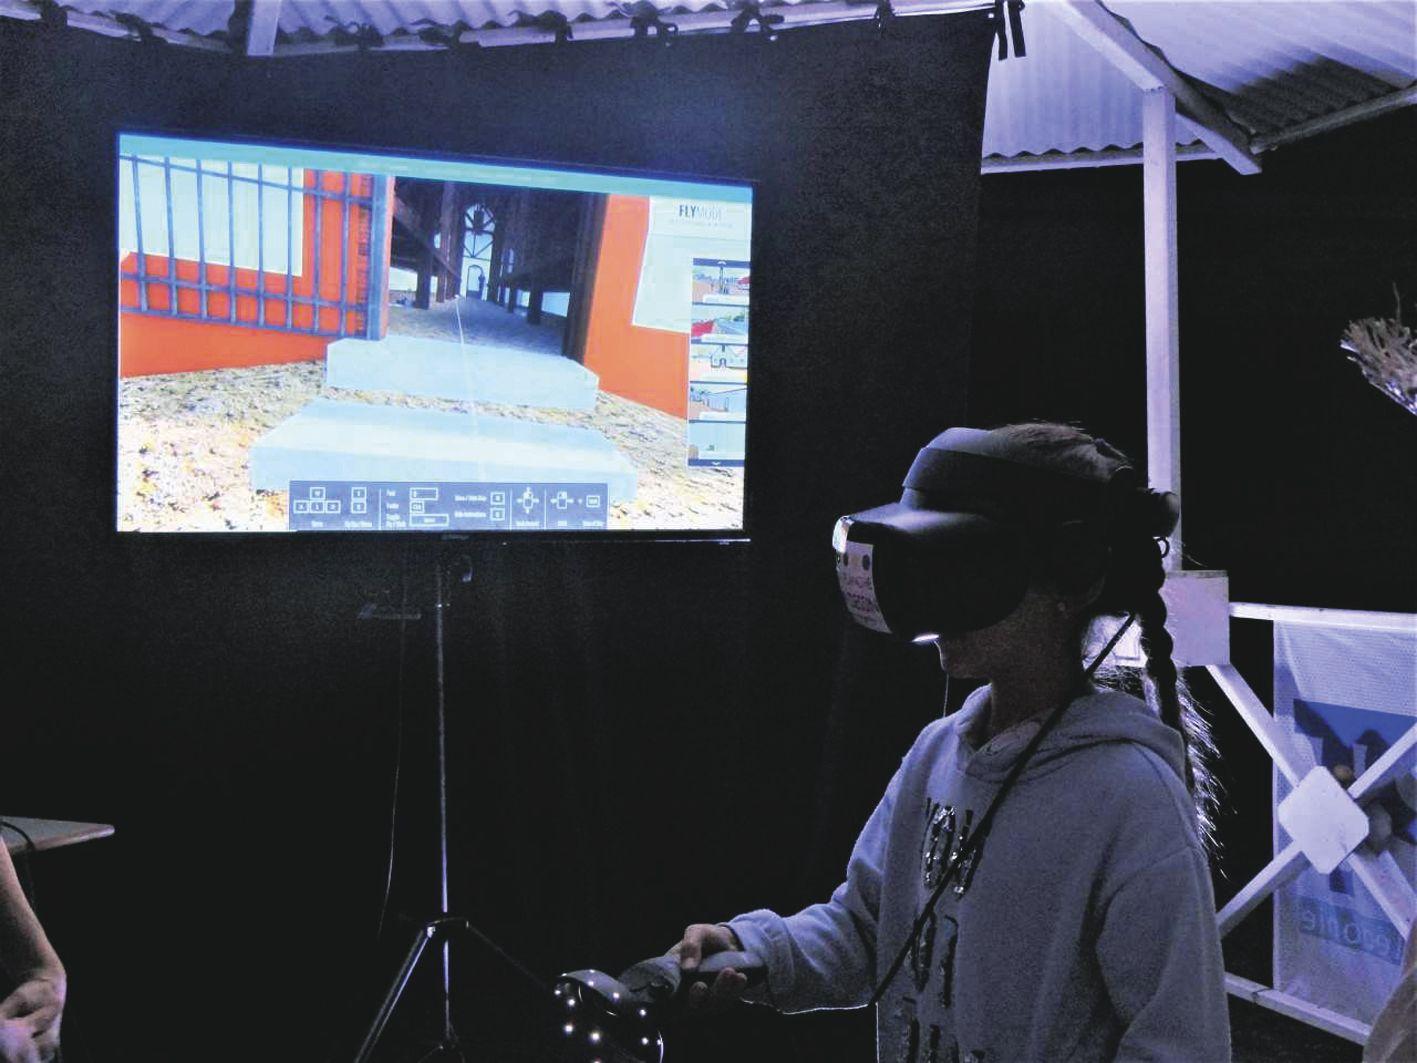 Parmi les nouveautés, le casque de réalité virtuelle a piqué la curiosité du public. Il permet de visualiser les cases dortoirs et le quartier cellulaire qui ont été rasés en 1939. Photo Atup